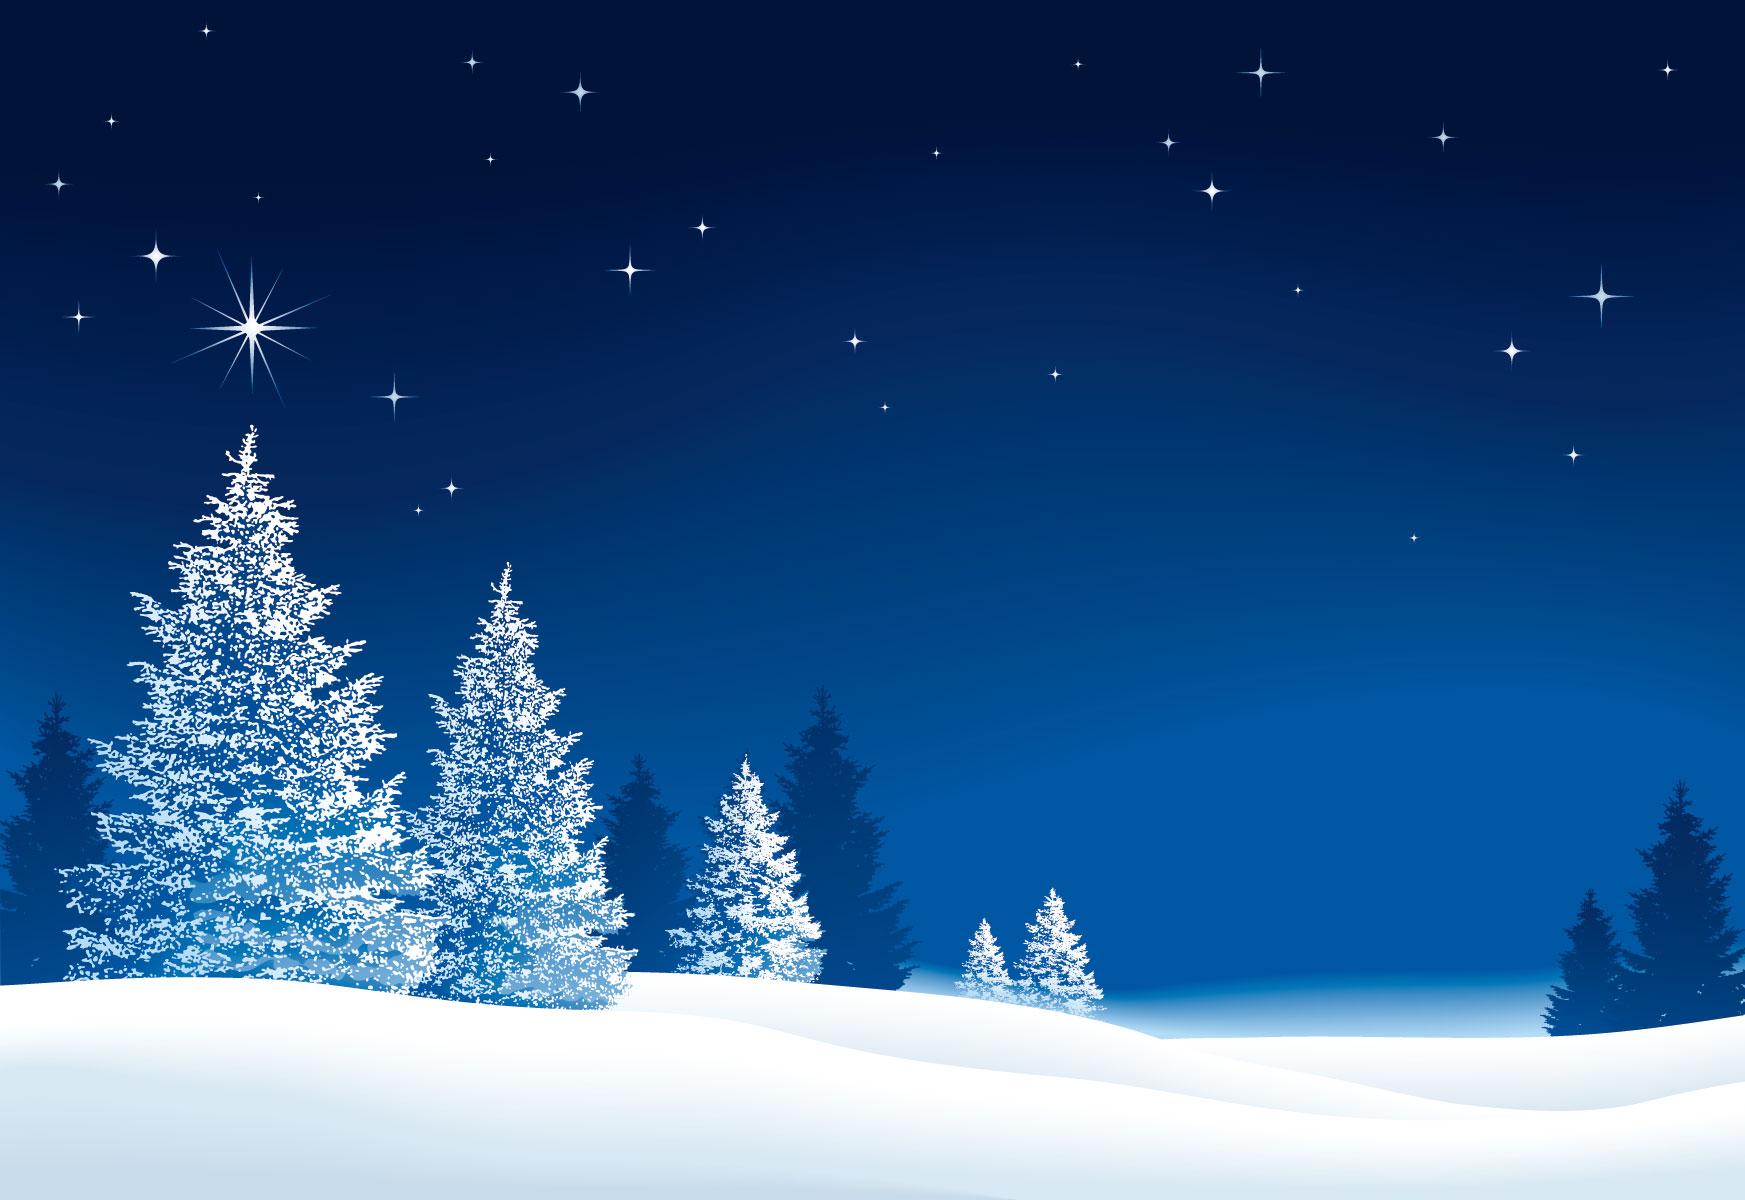 冬 | 【ネイティブ講師による英語・英会話教室】ジェイムズ英会話